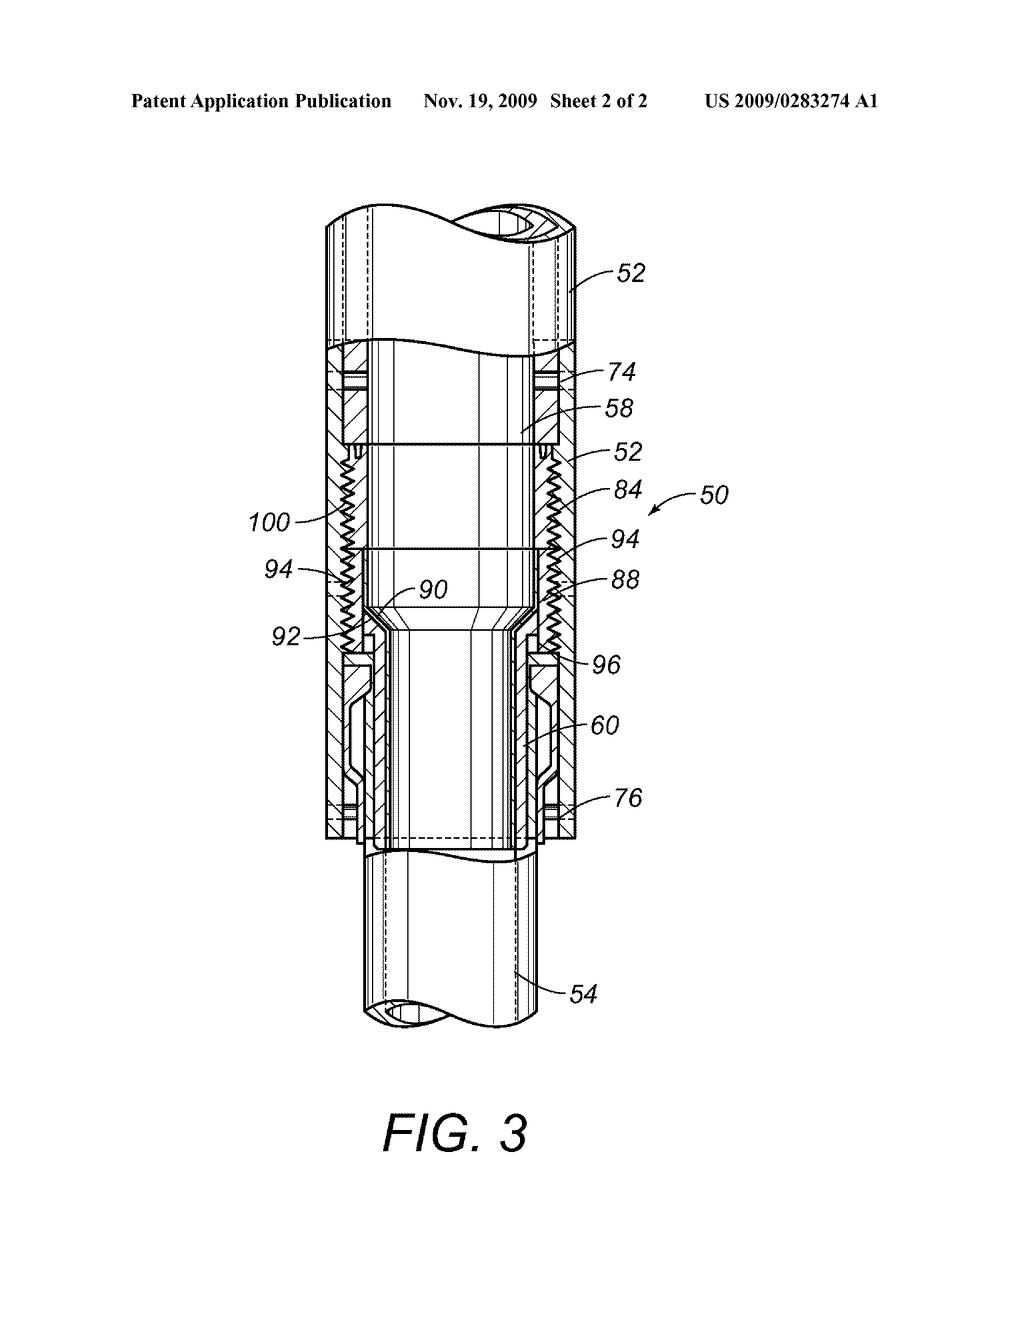 Hydraulic Hose Diagram